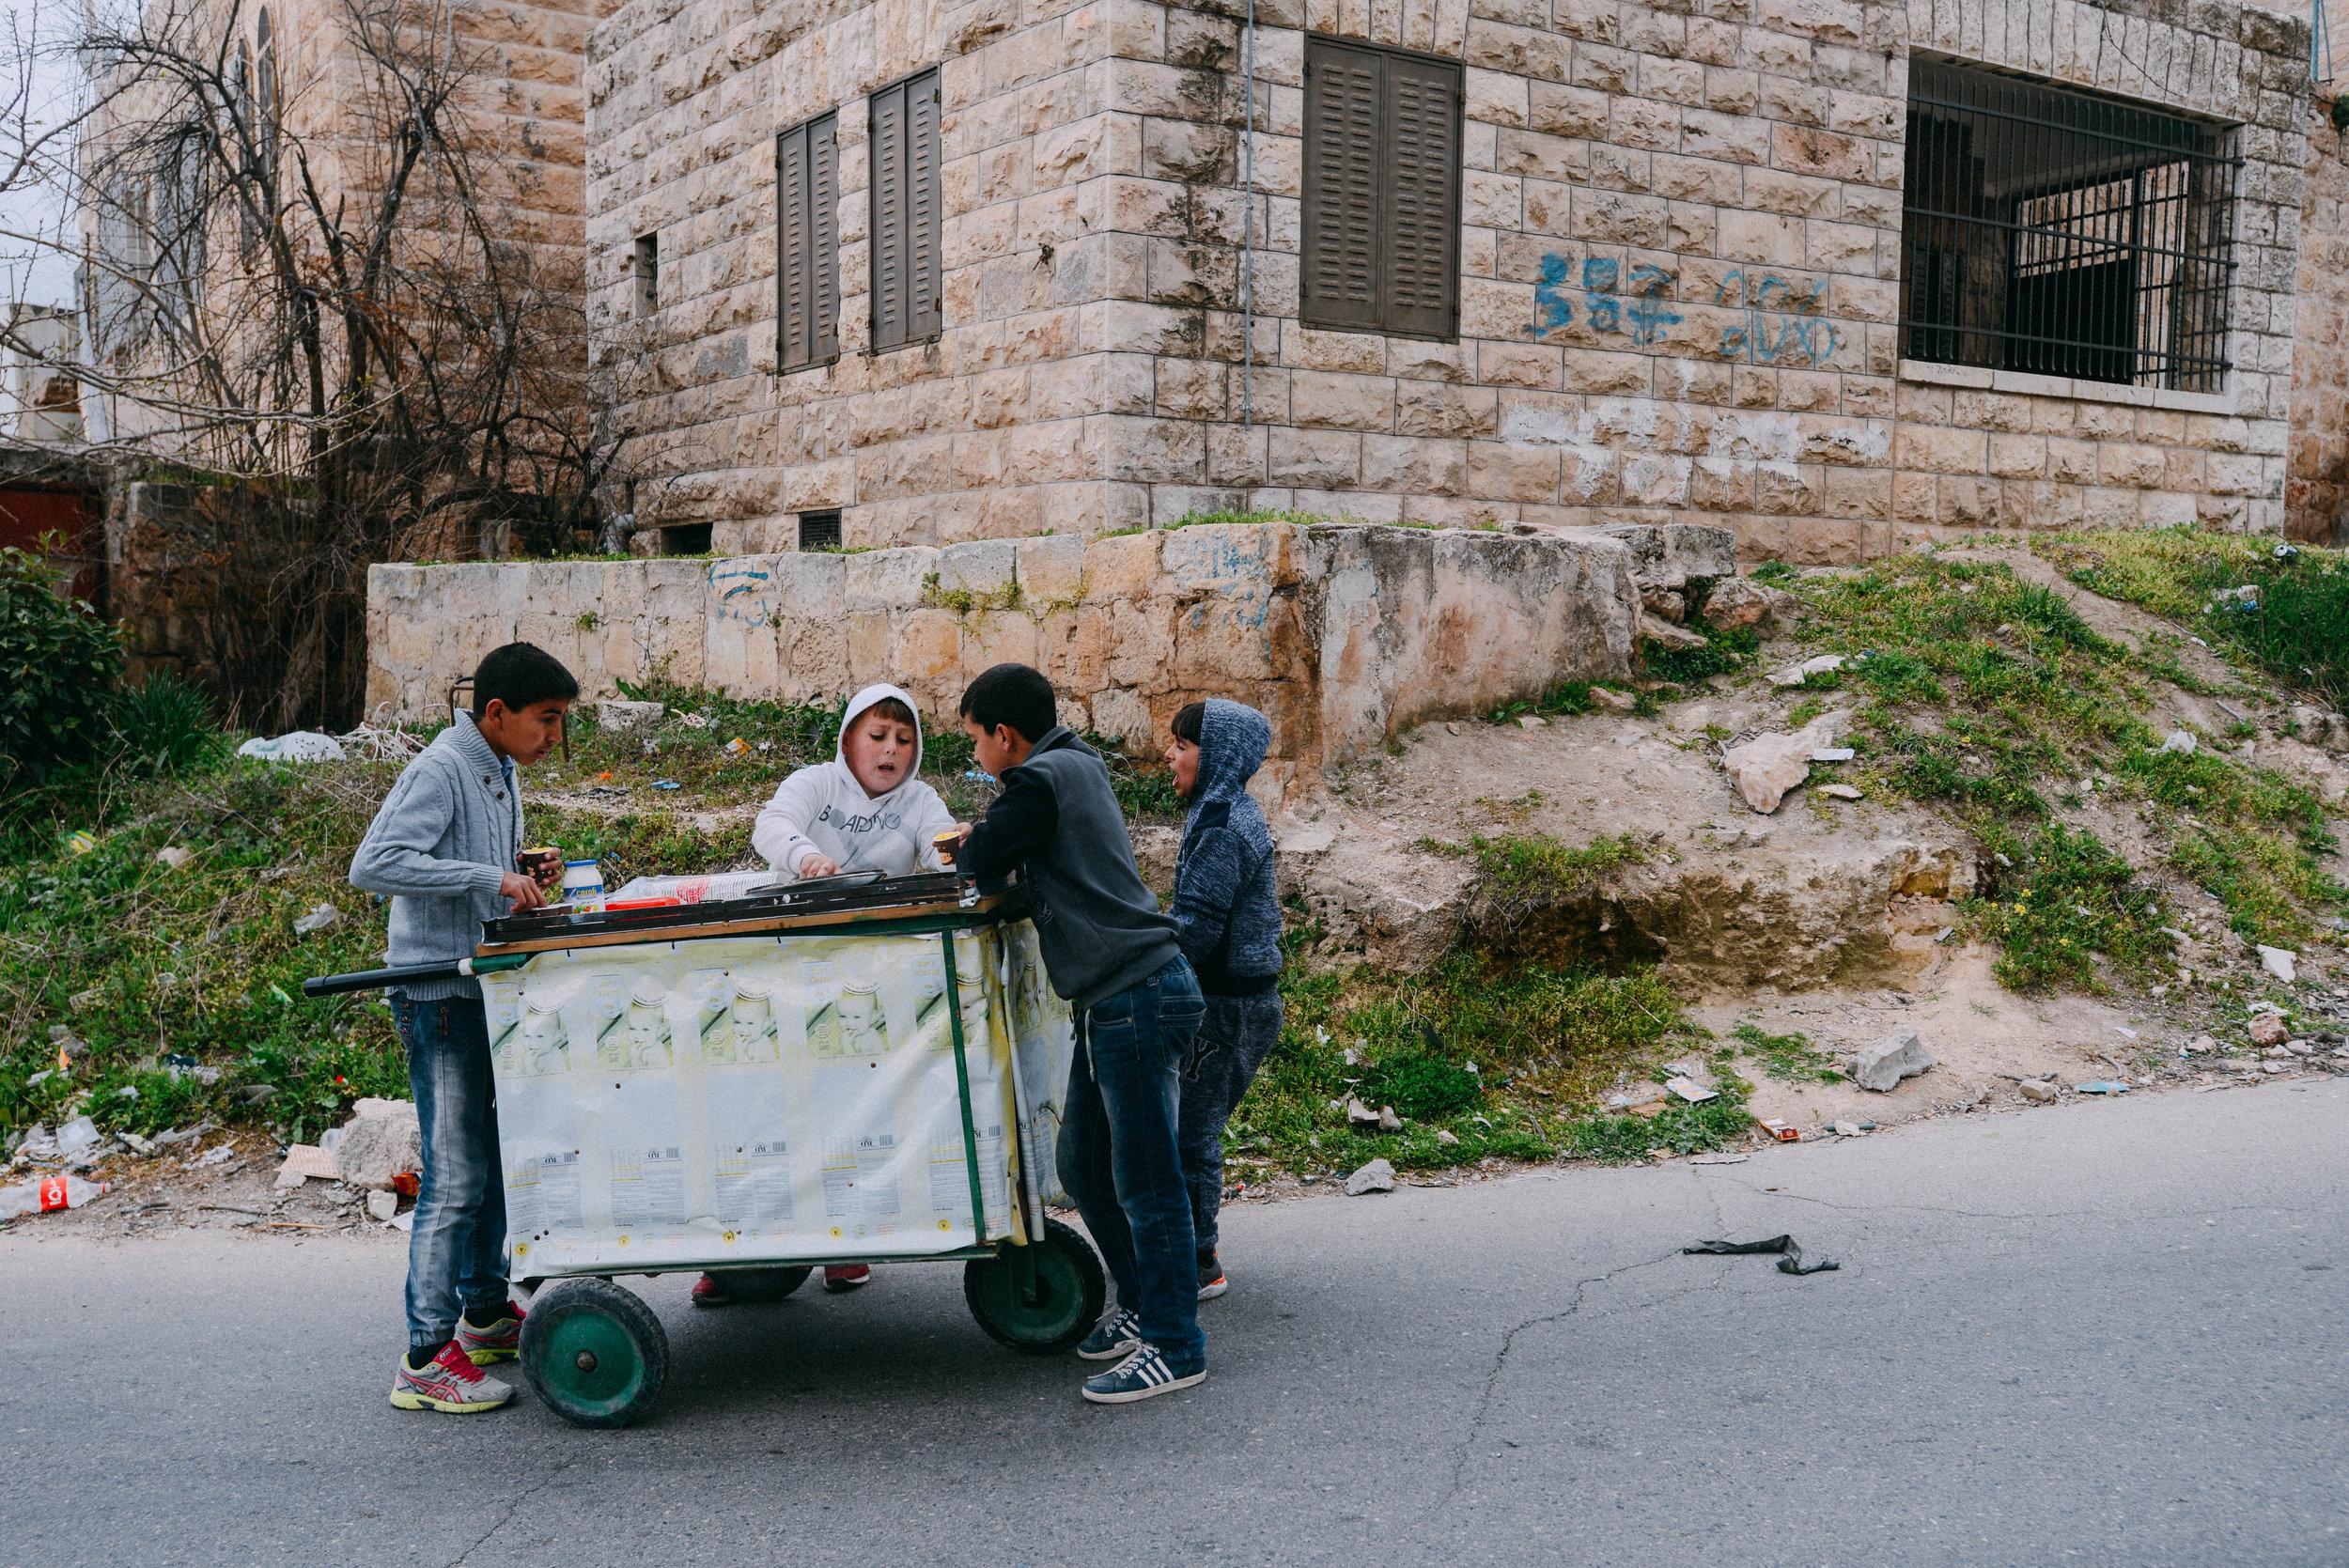 Boys selling food in Hebron, Palestine.